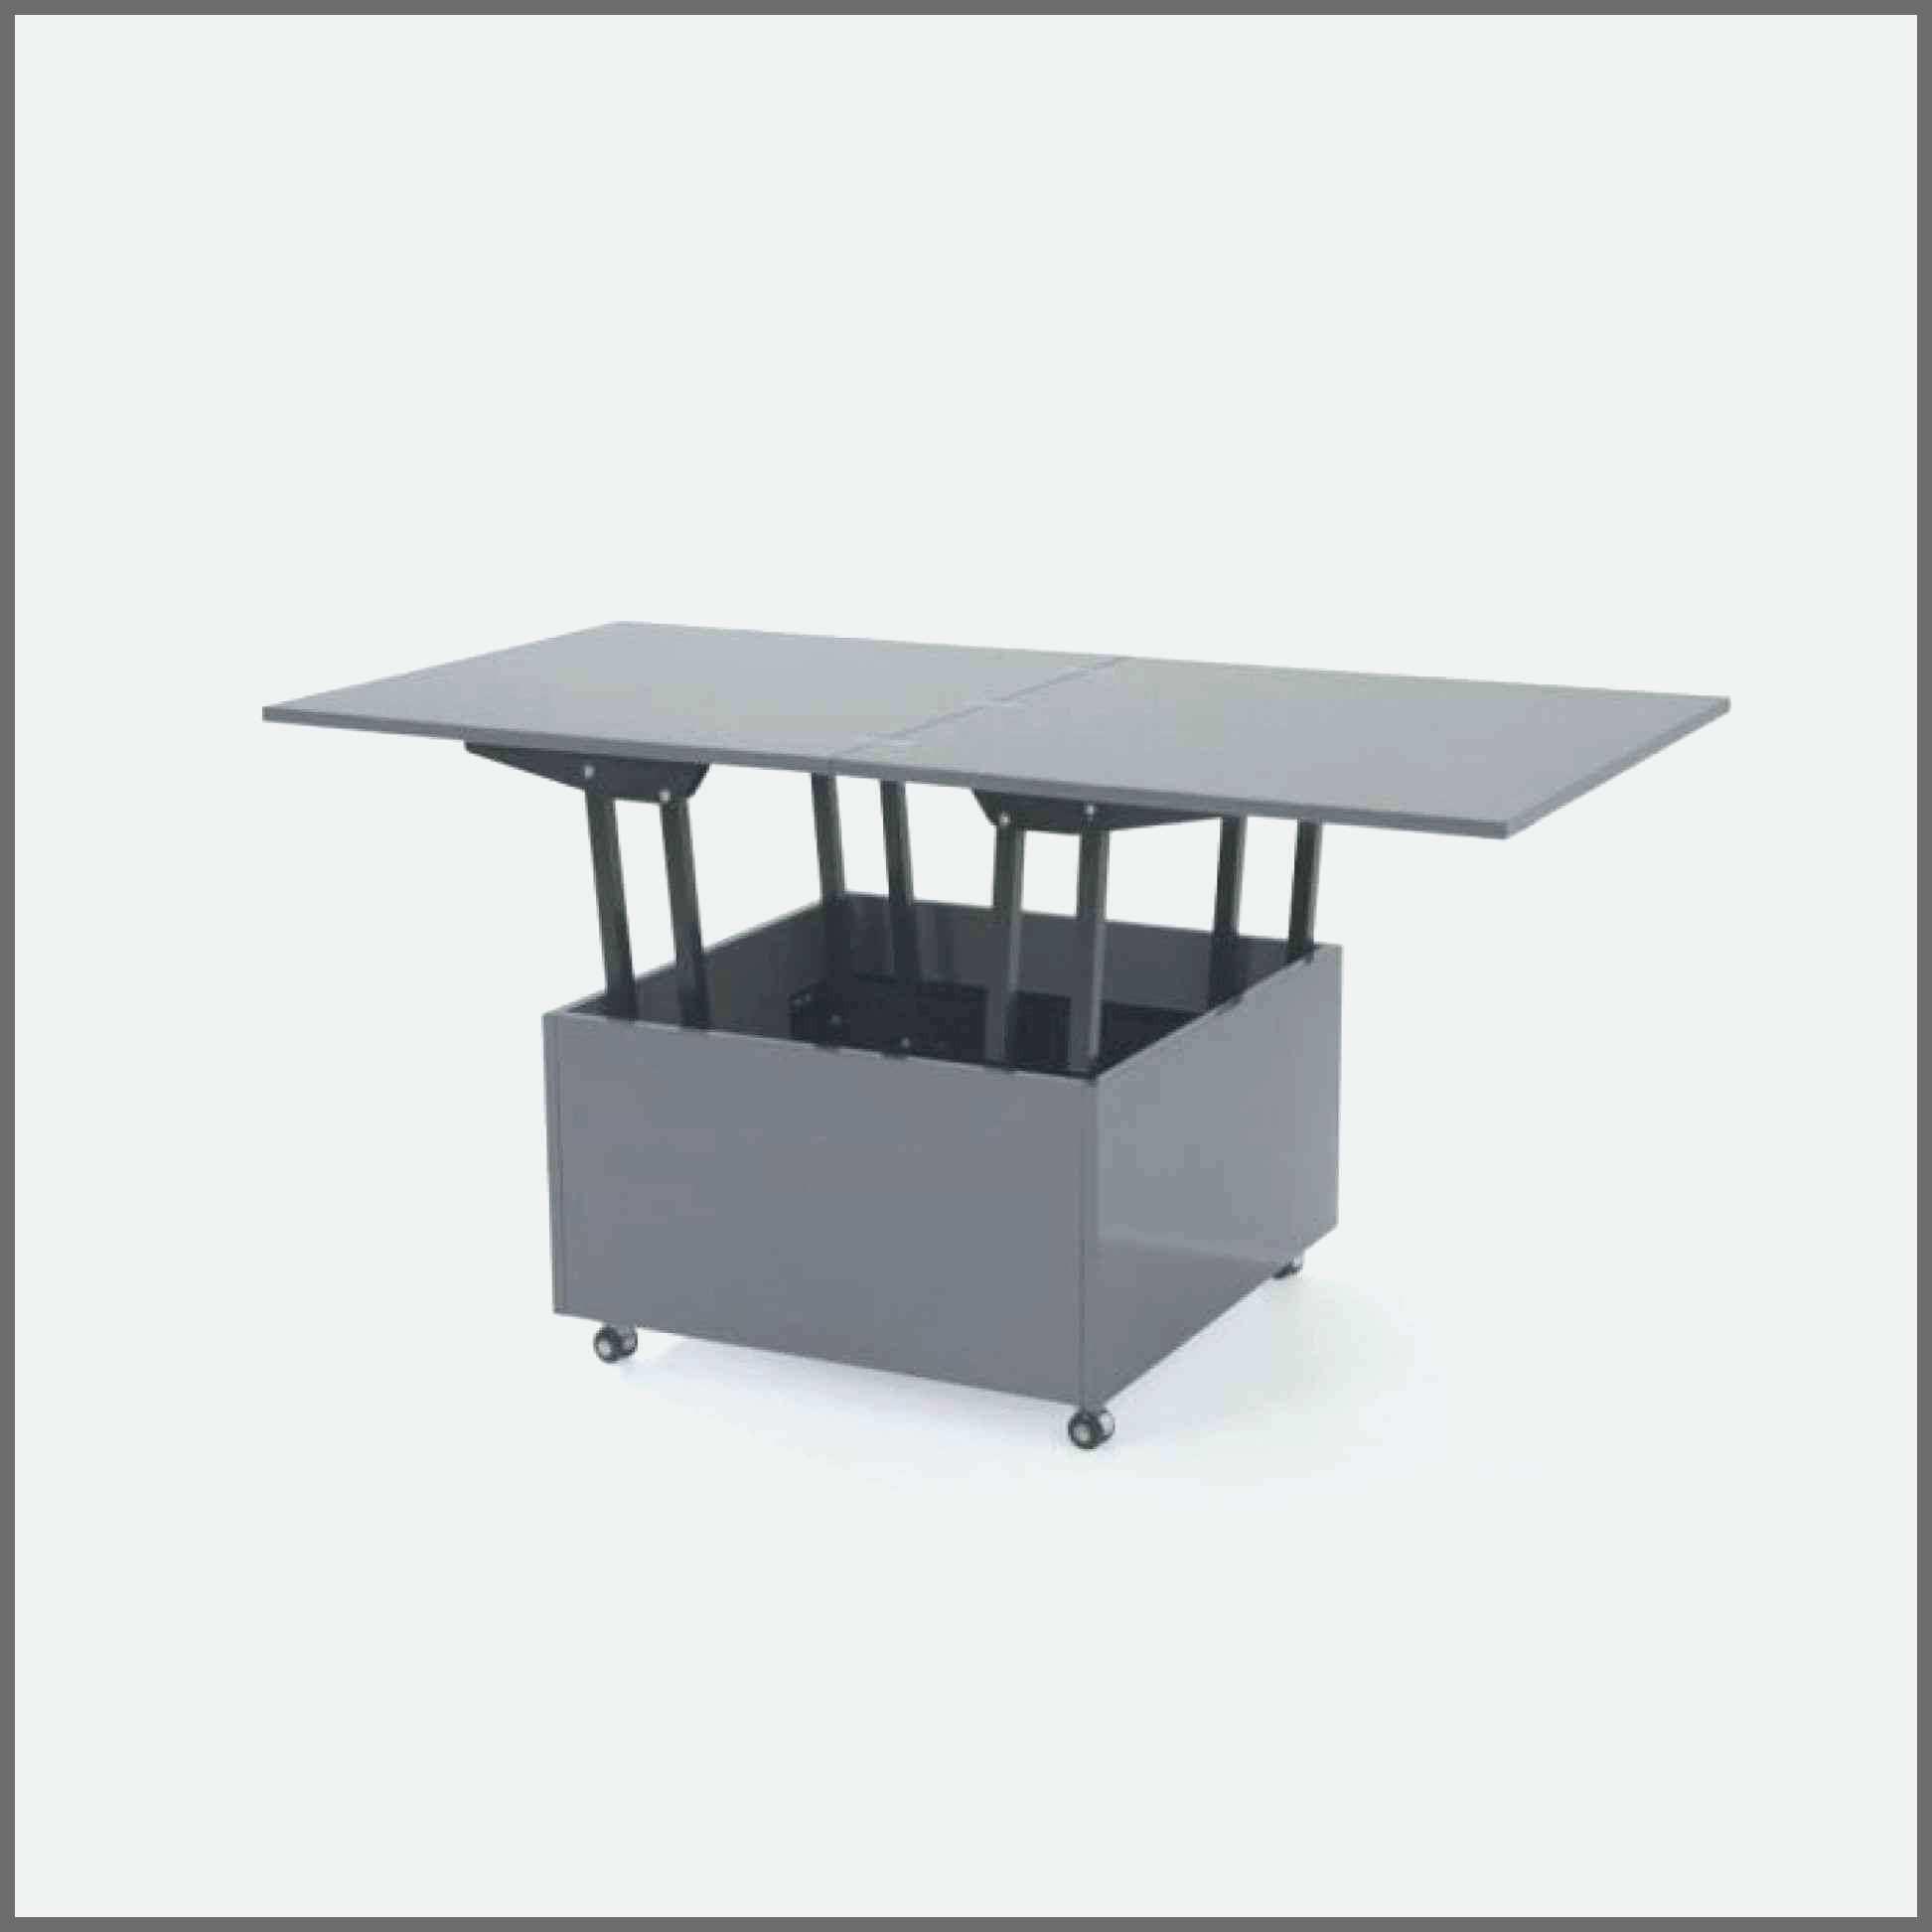 meuble pour salon meuble de salon pour ordinateur awesome fauteuil bas salon table of meuble pour salon